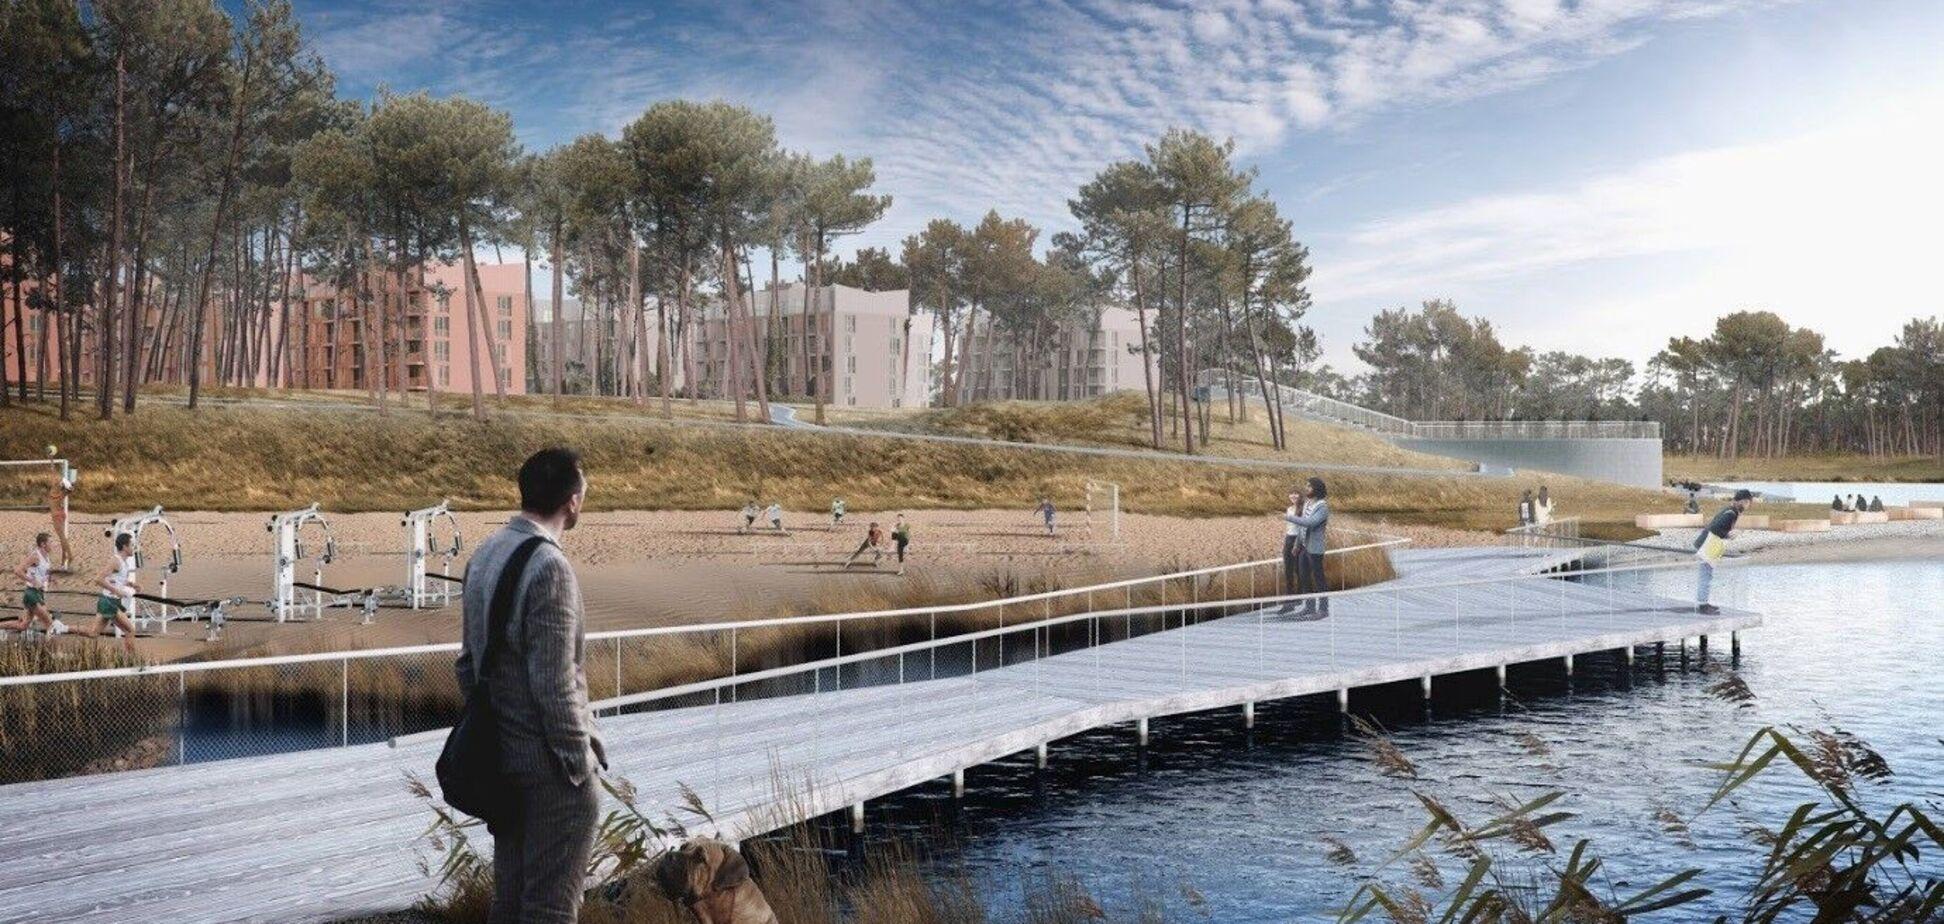 Об'єднати місто та природу: 4 принципи сучасного благоустрою на прикладі О2 Residence